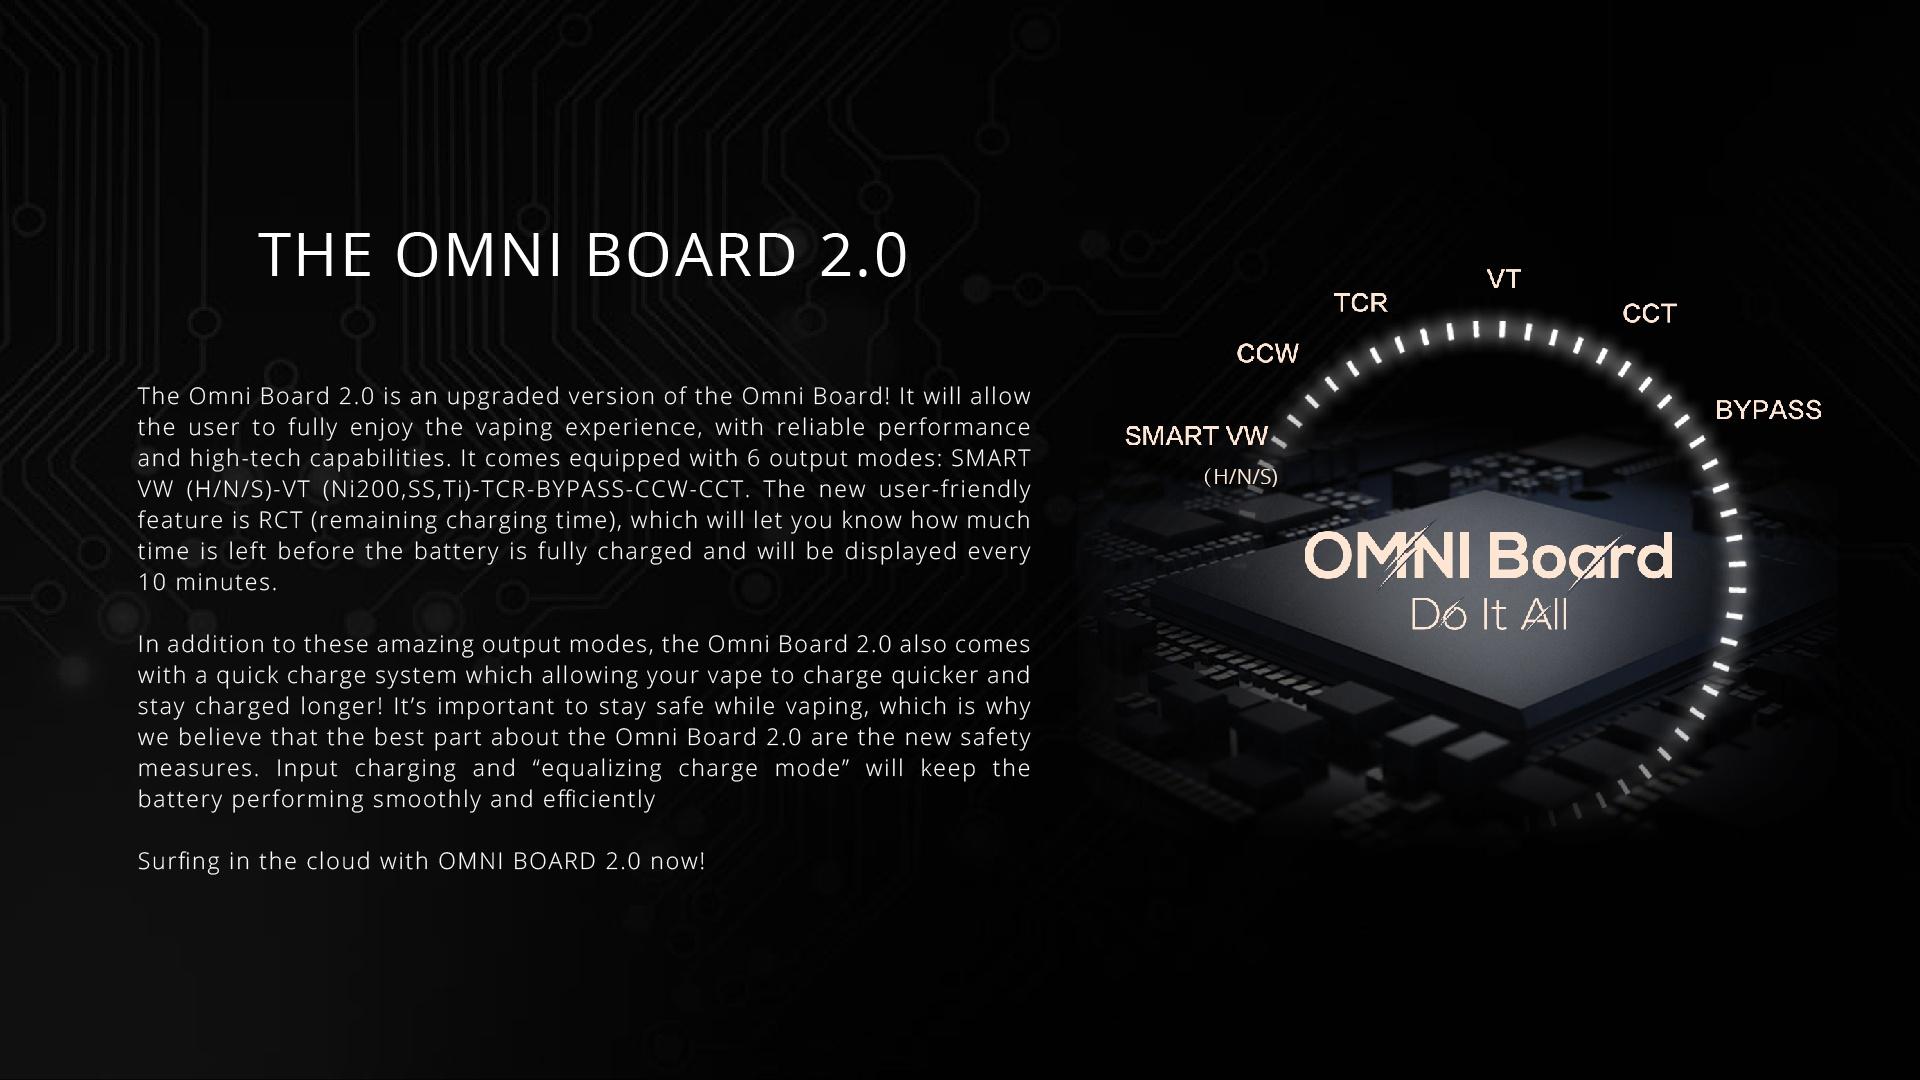 tarot_nano_omni_board_2.0.jpg